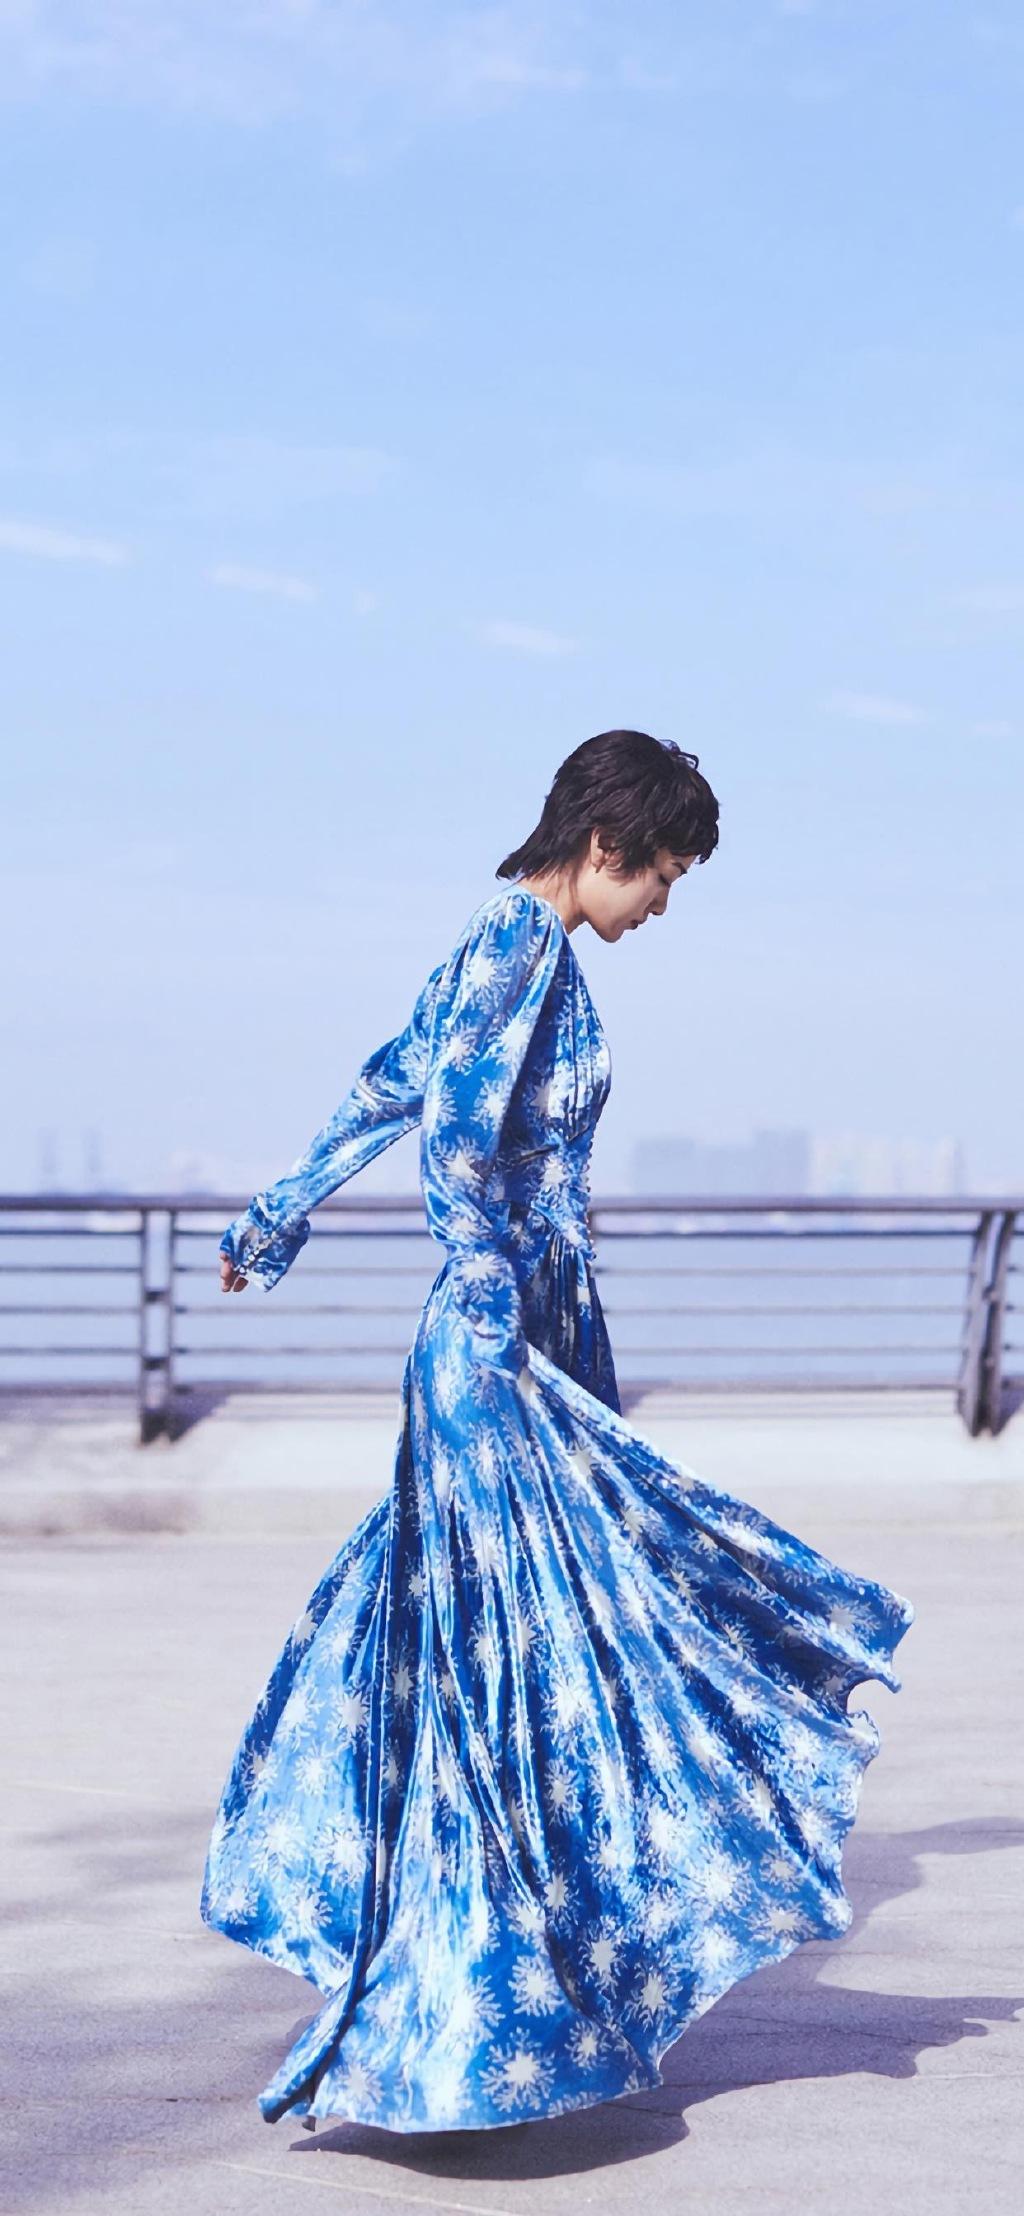 郭采洁蓝色印花长裙优雅气质写真壁纸图片